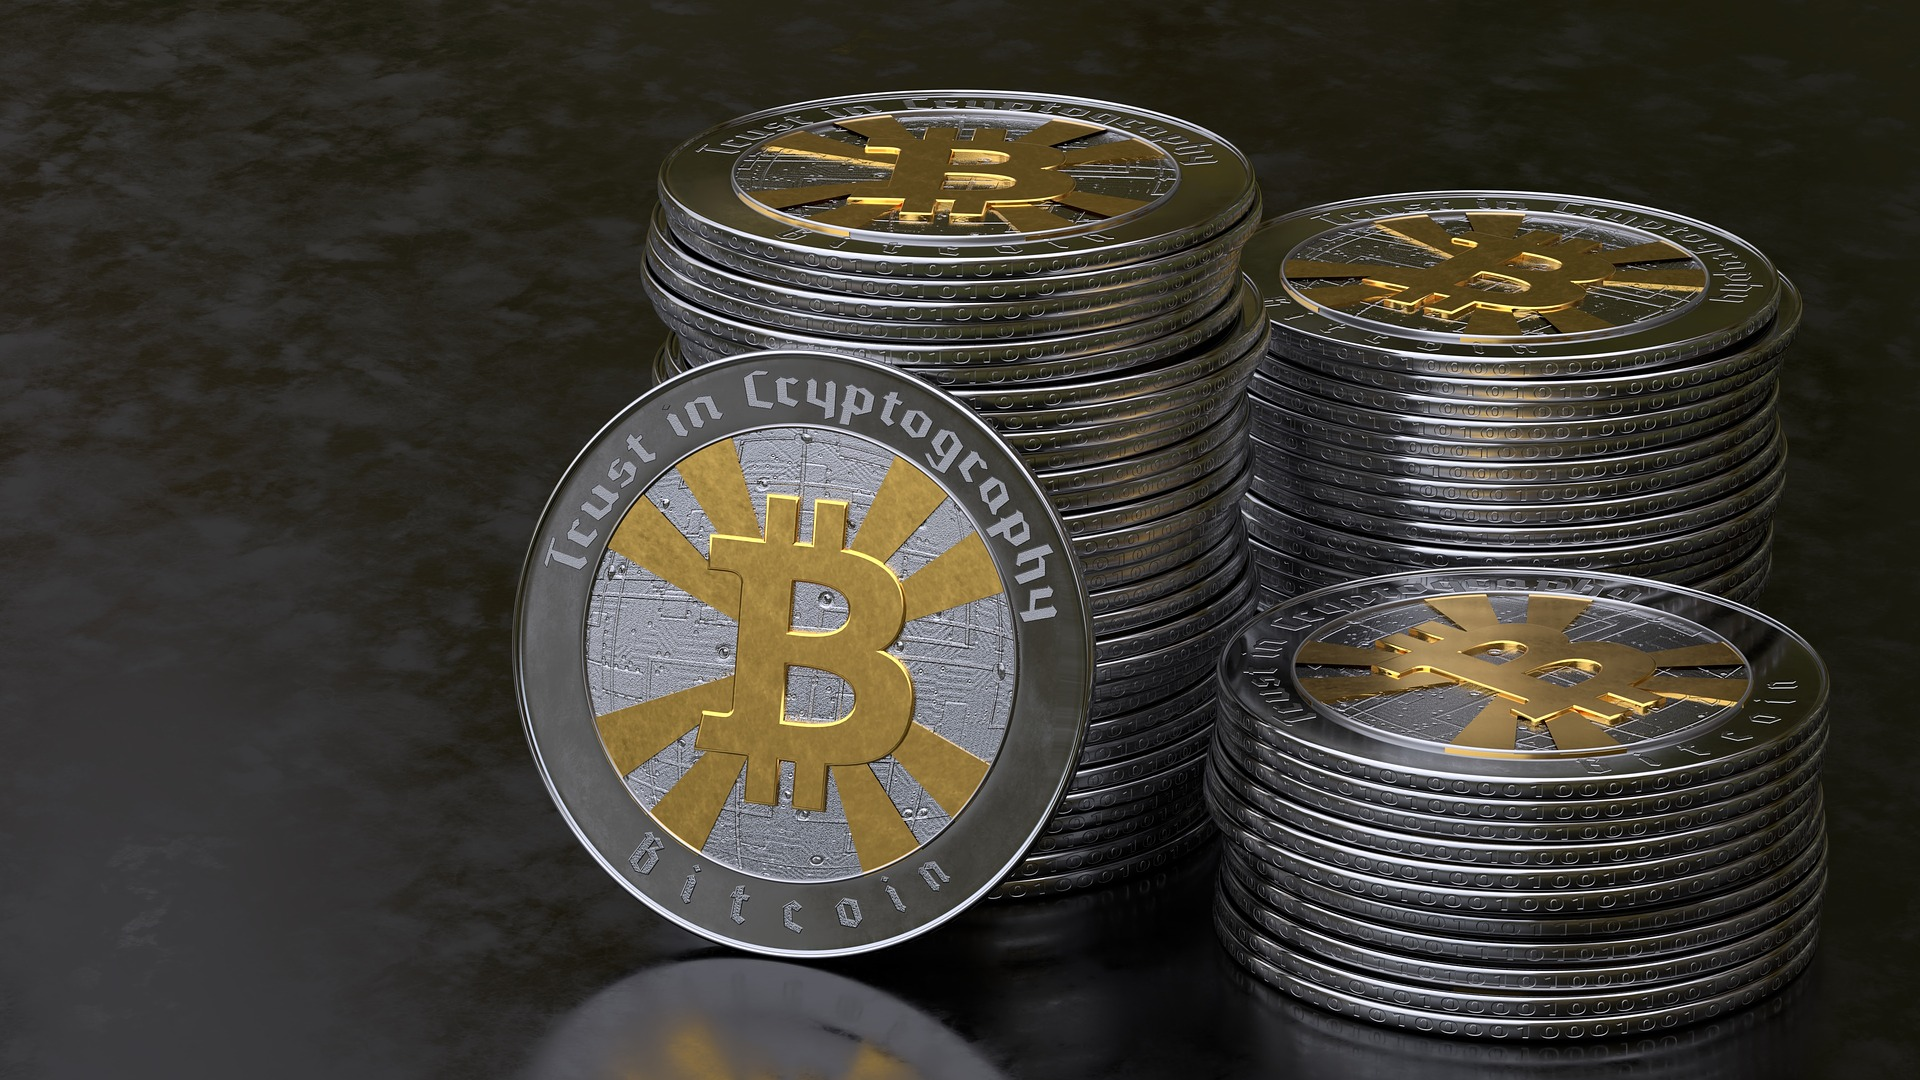 Alles over de Bitcoin wallets